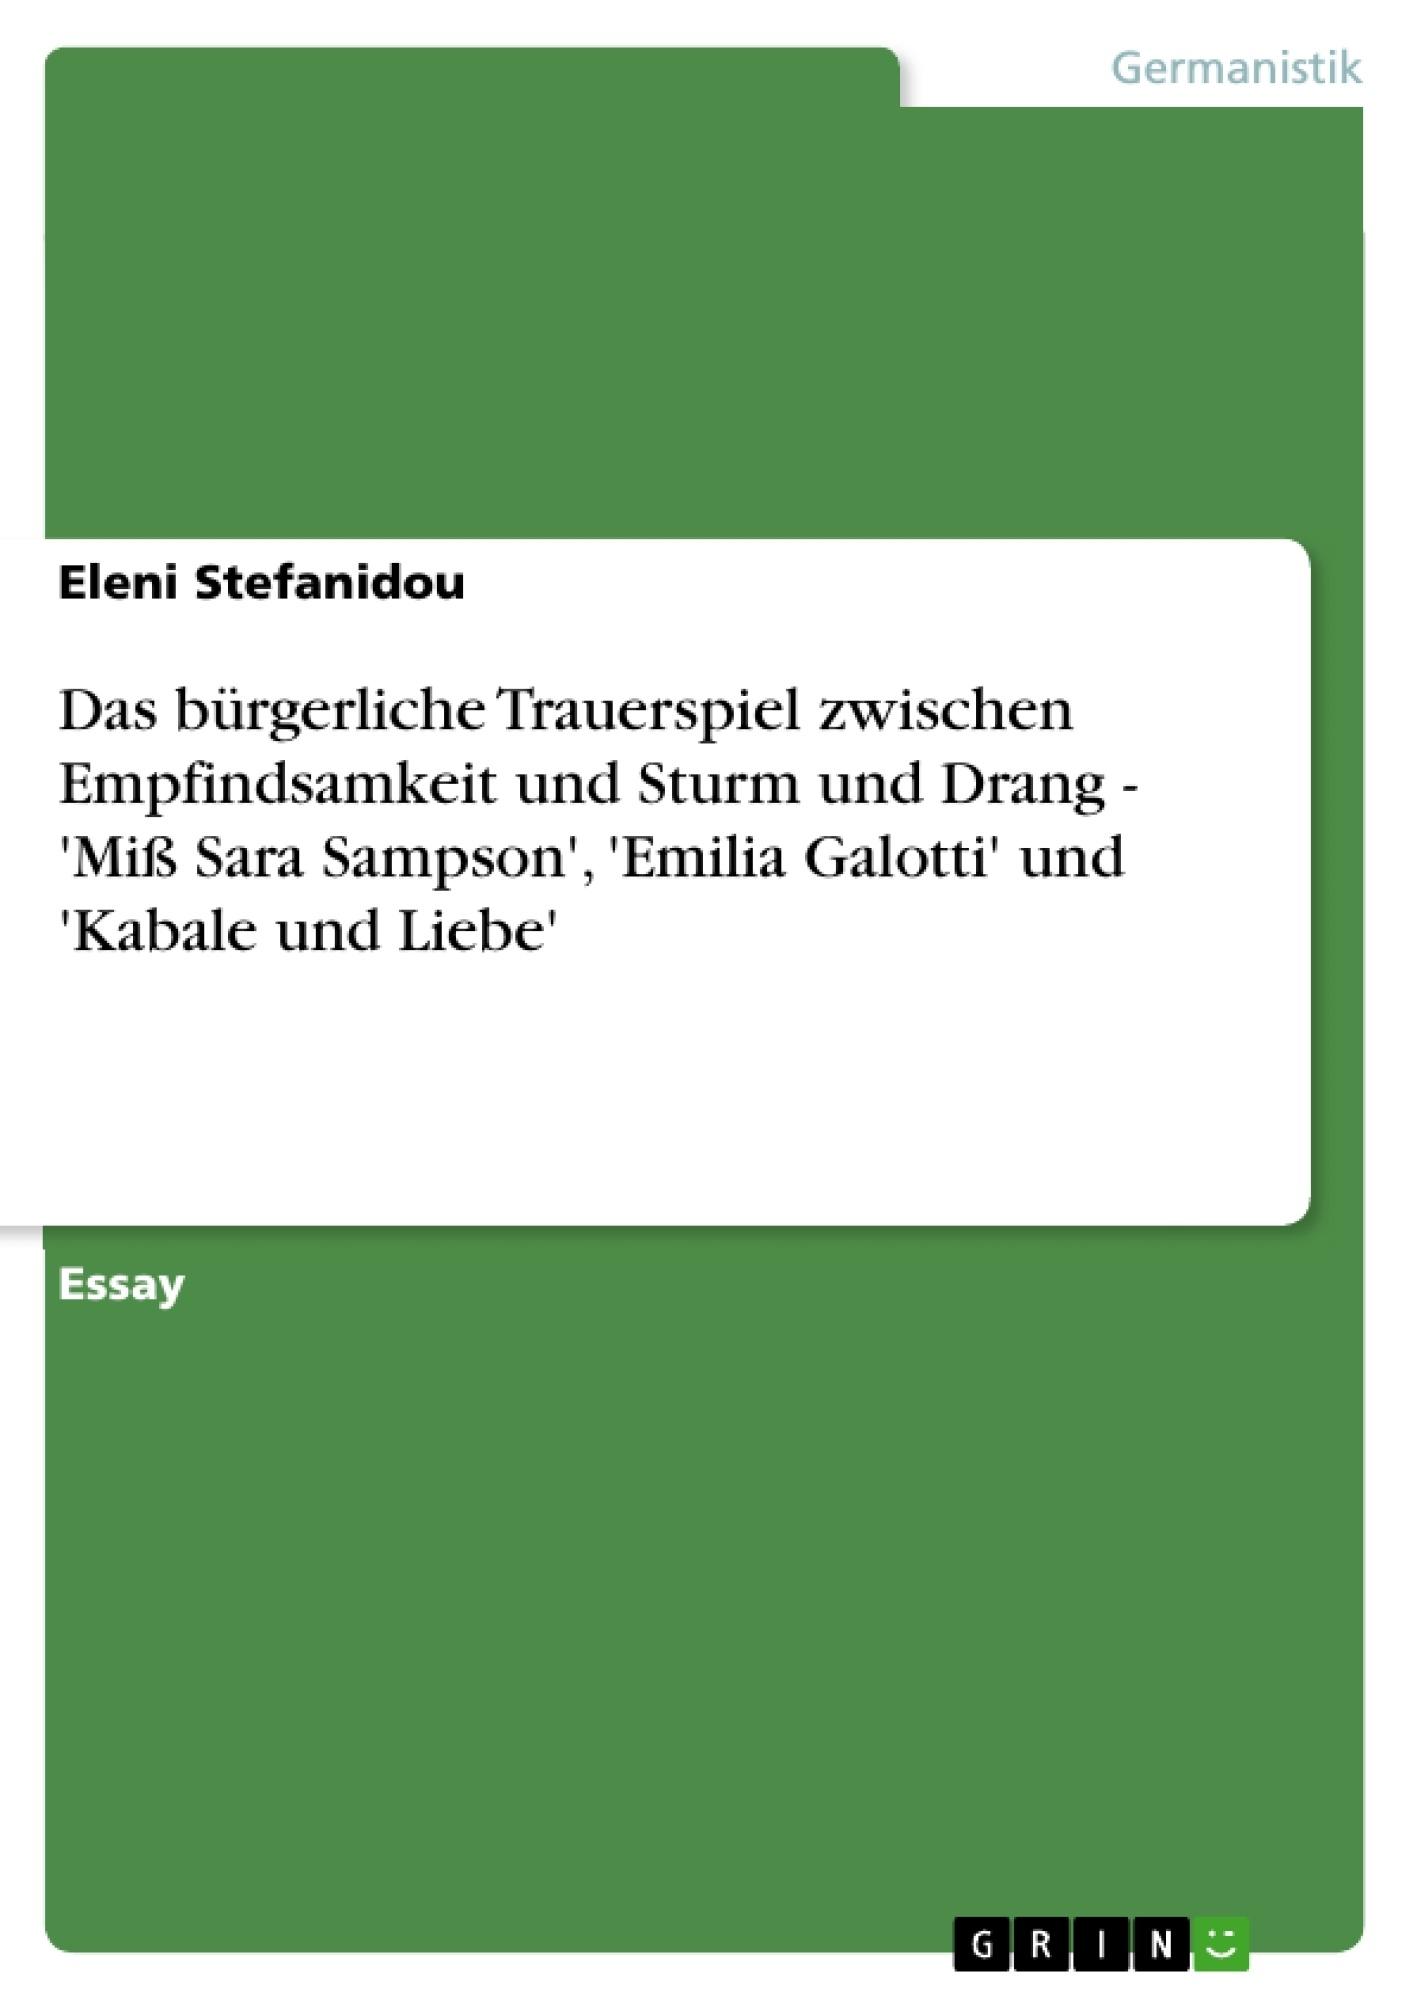 Titel: Das bürgerliche Trauerspiel zwischen Empfindsamkeit und Sturm und Drang - 'Miß Sara Sampson', 'Emilia Galotti' und 'Kabale und Liebe'